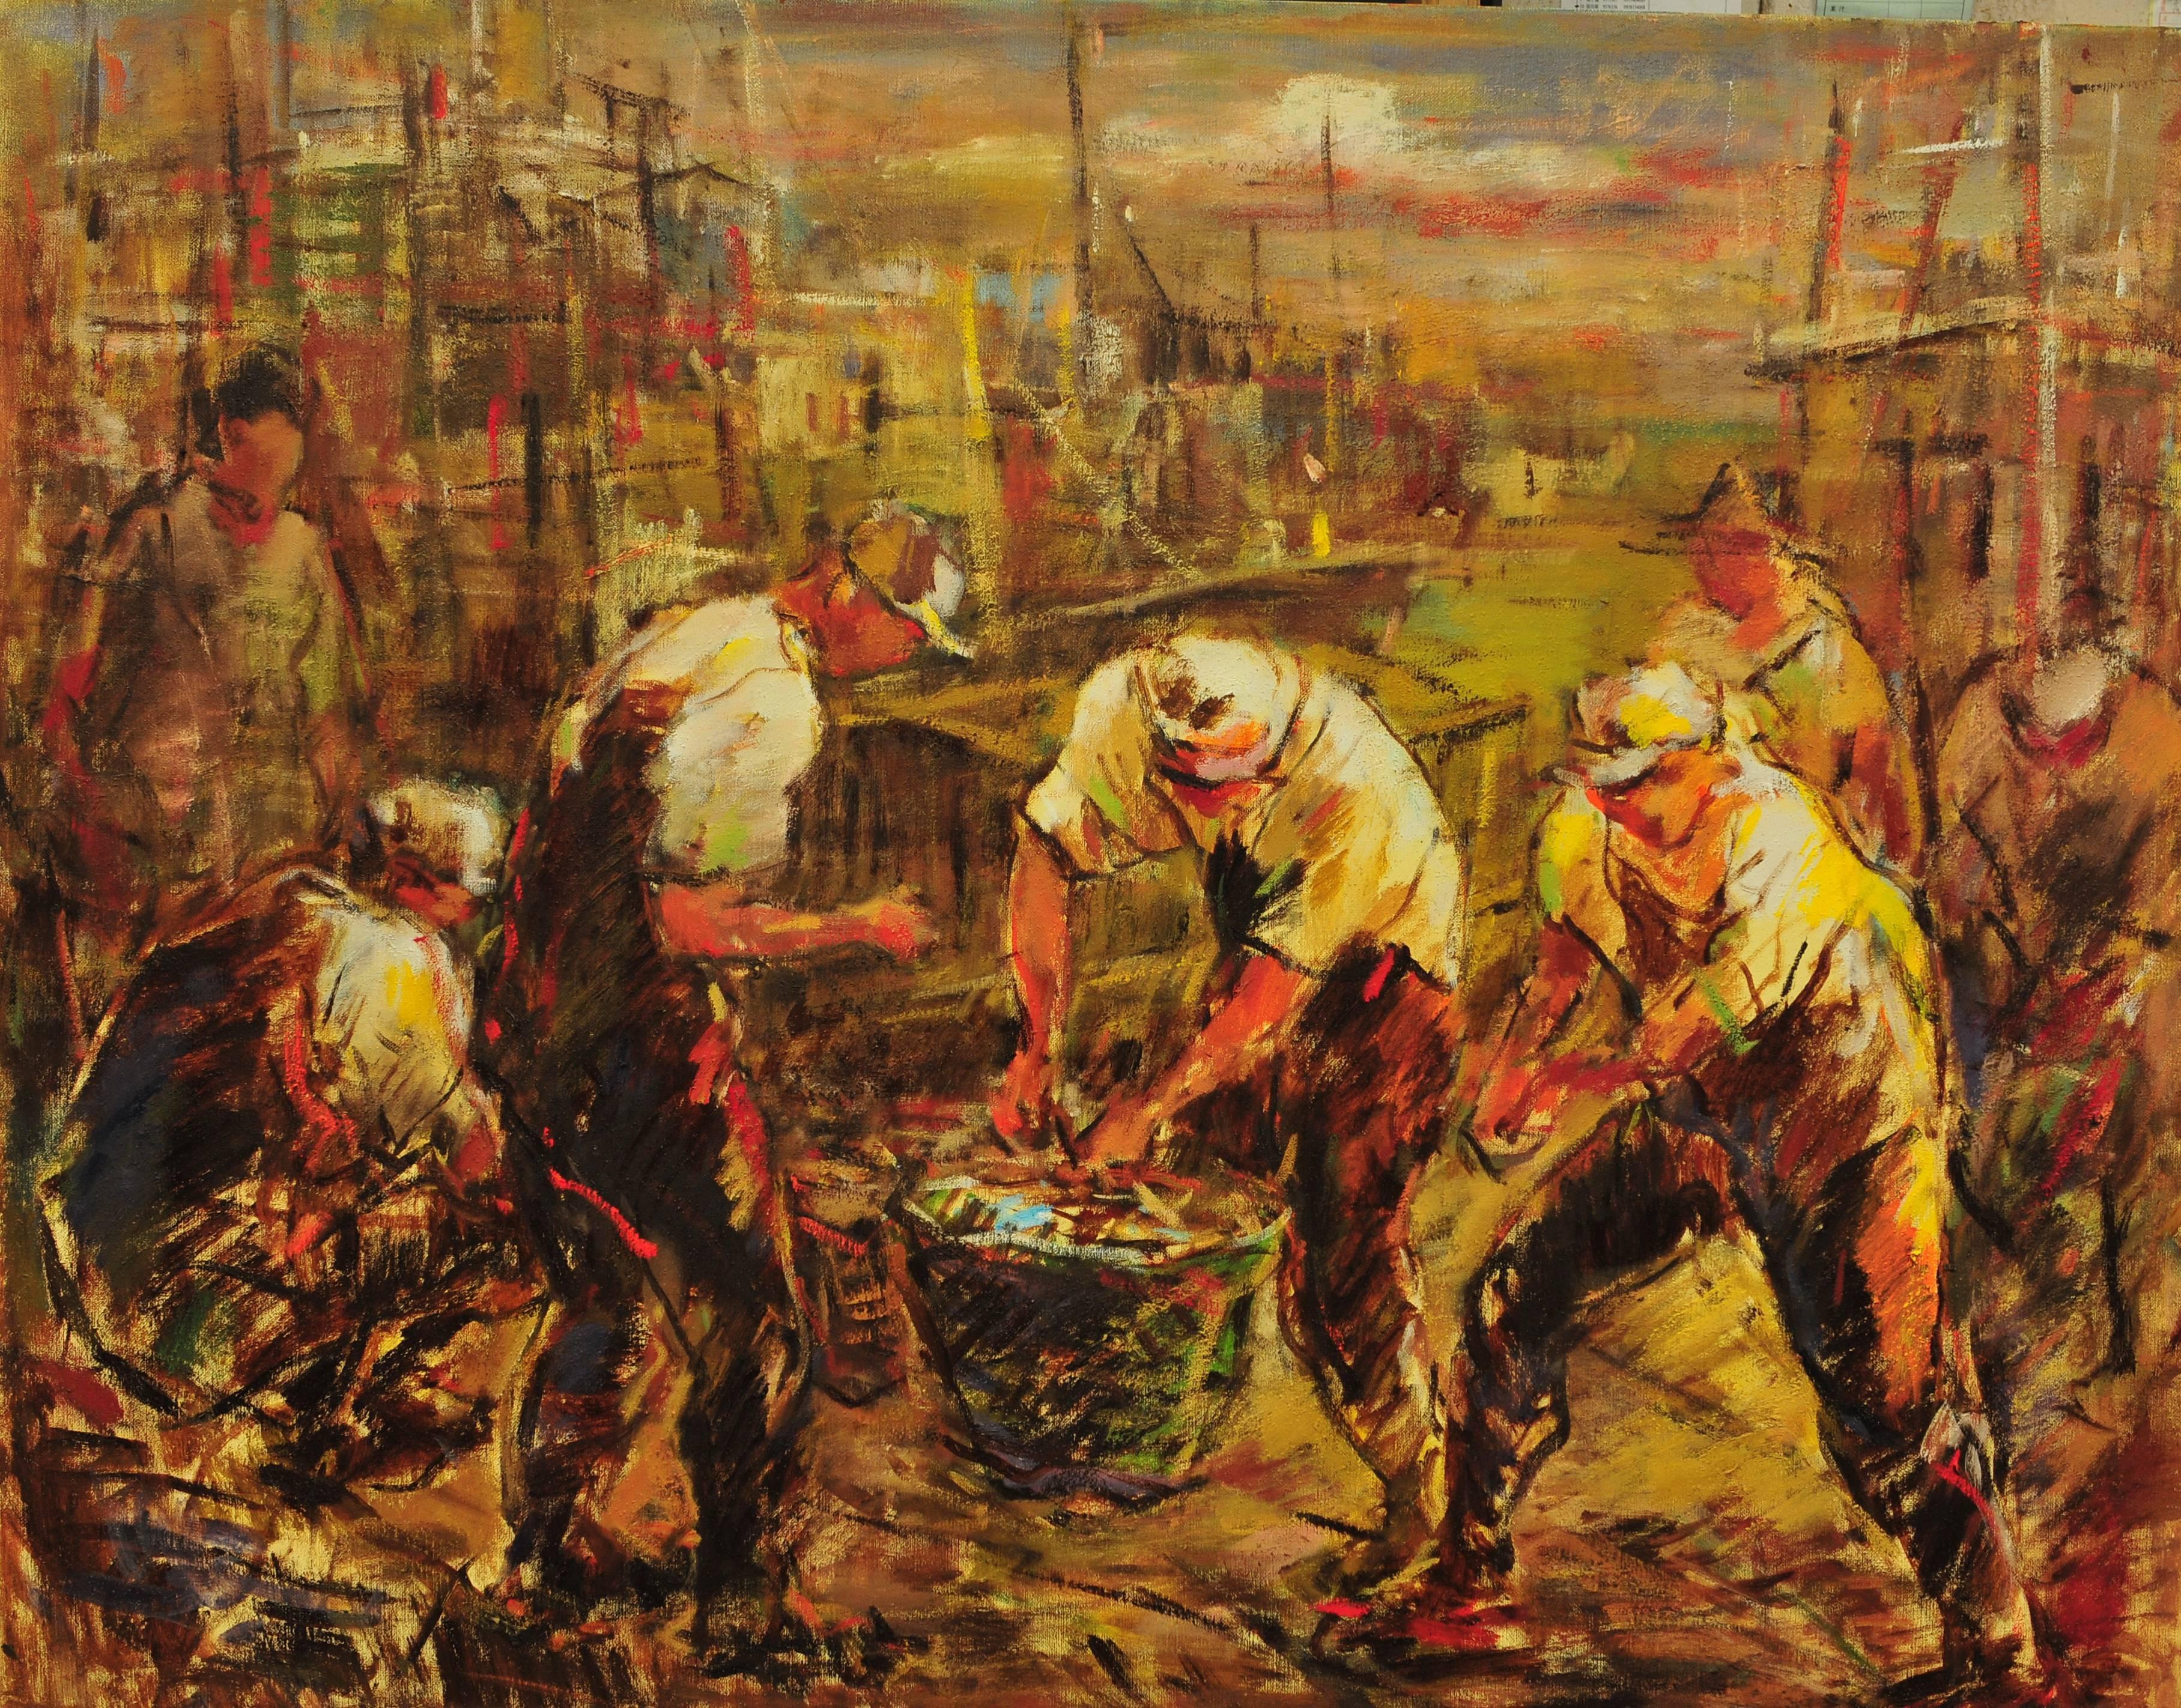 黃玉成|漁民圖II|2014|油彩|91x116.5cm